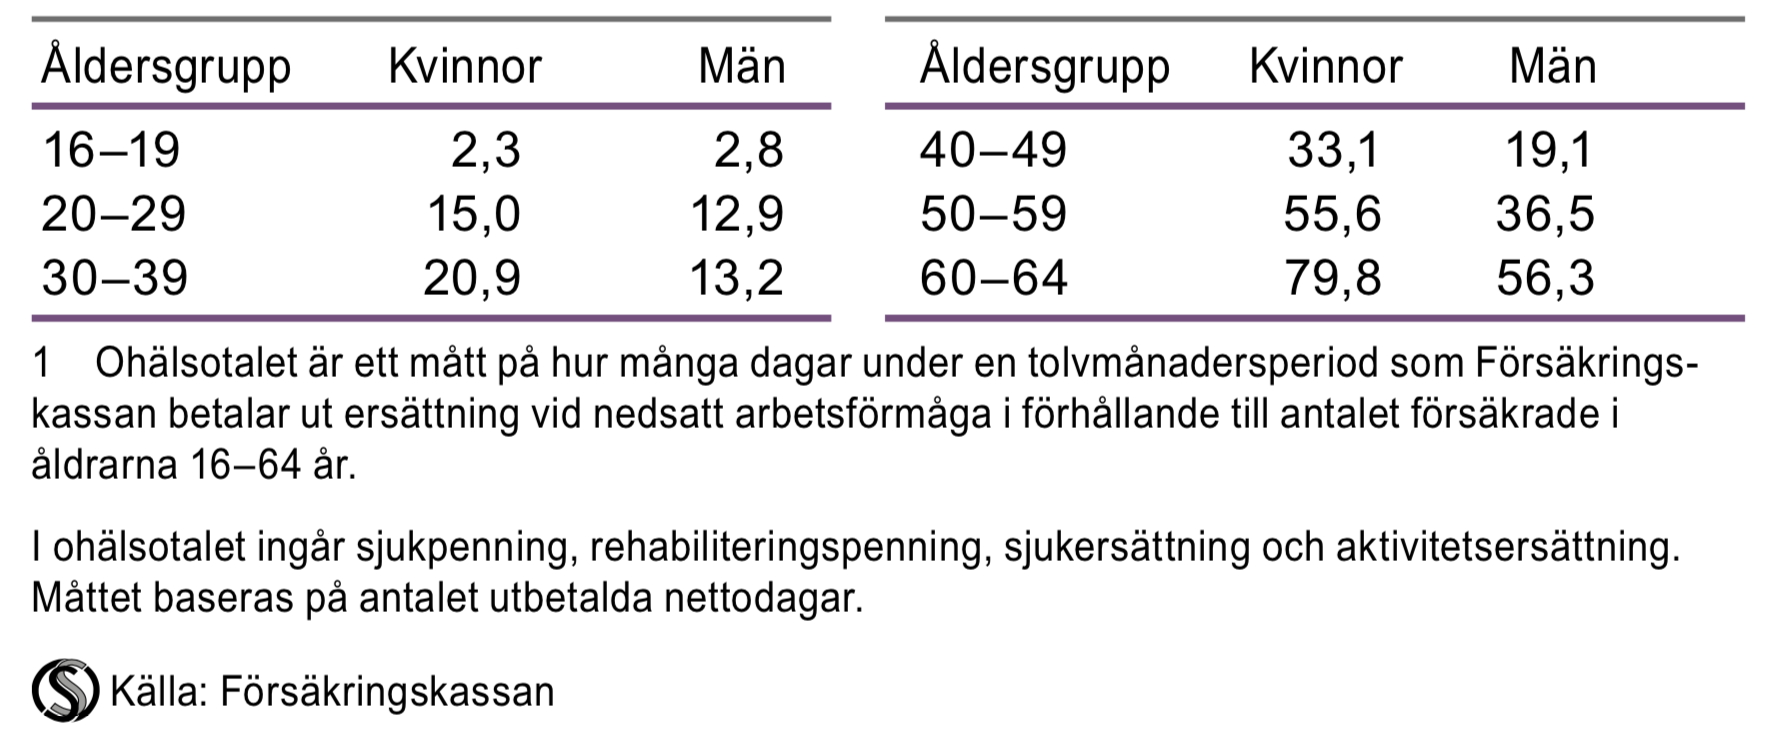 Ohälsotal efter åldersgrupp 2015